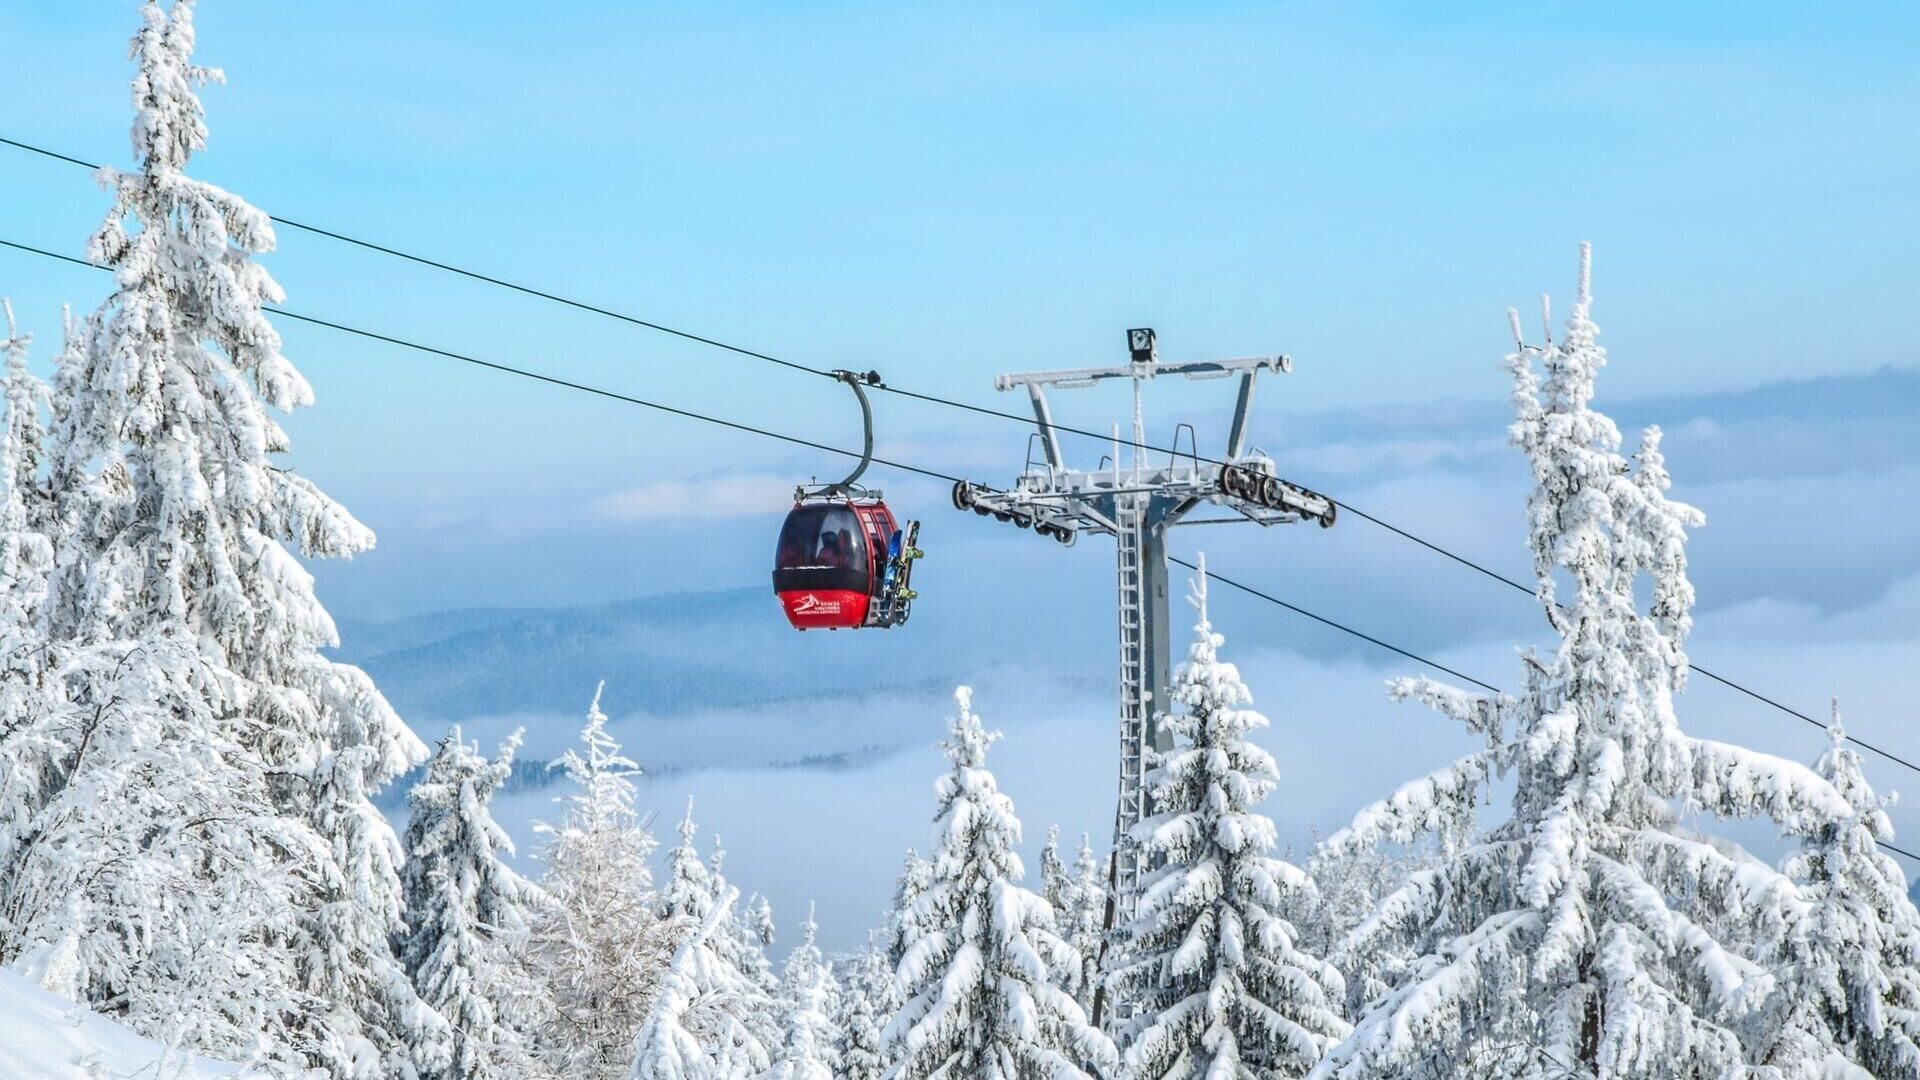 В горнолыжном центре Сербии открыли самую длинную в мире канатную дорогу